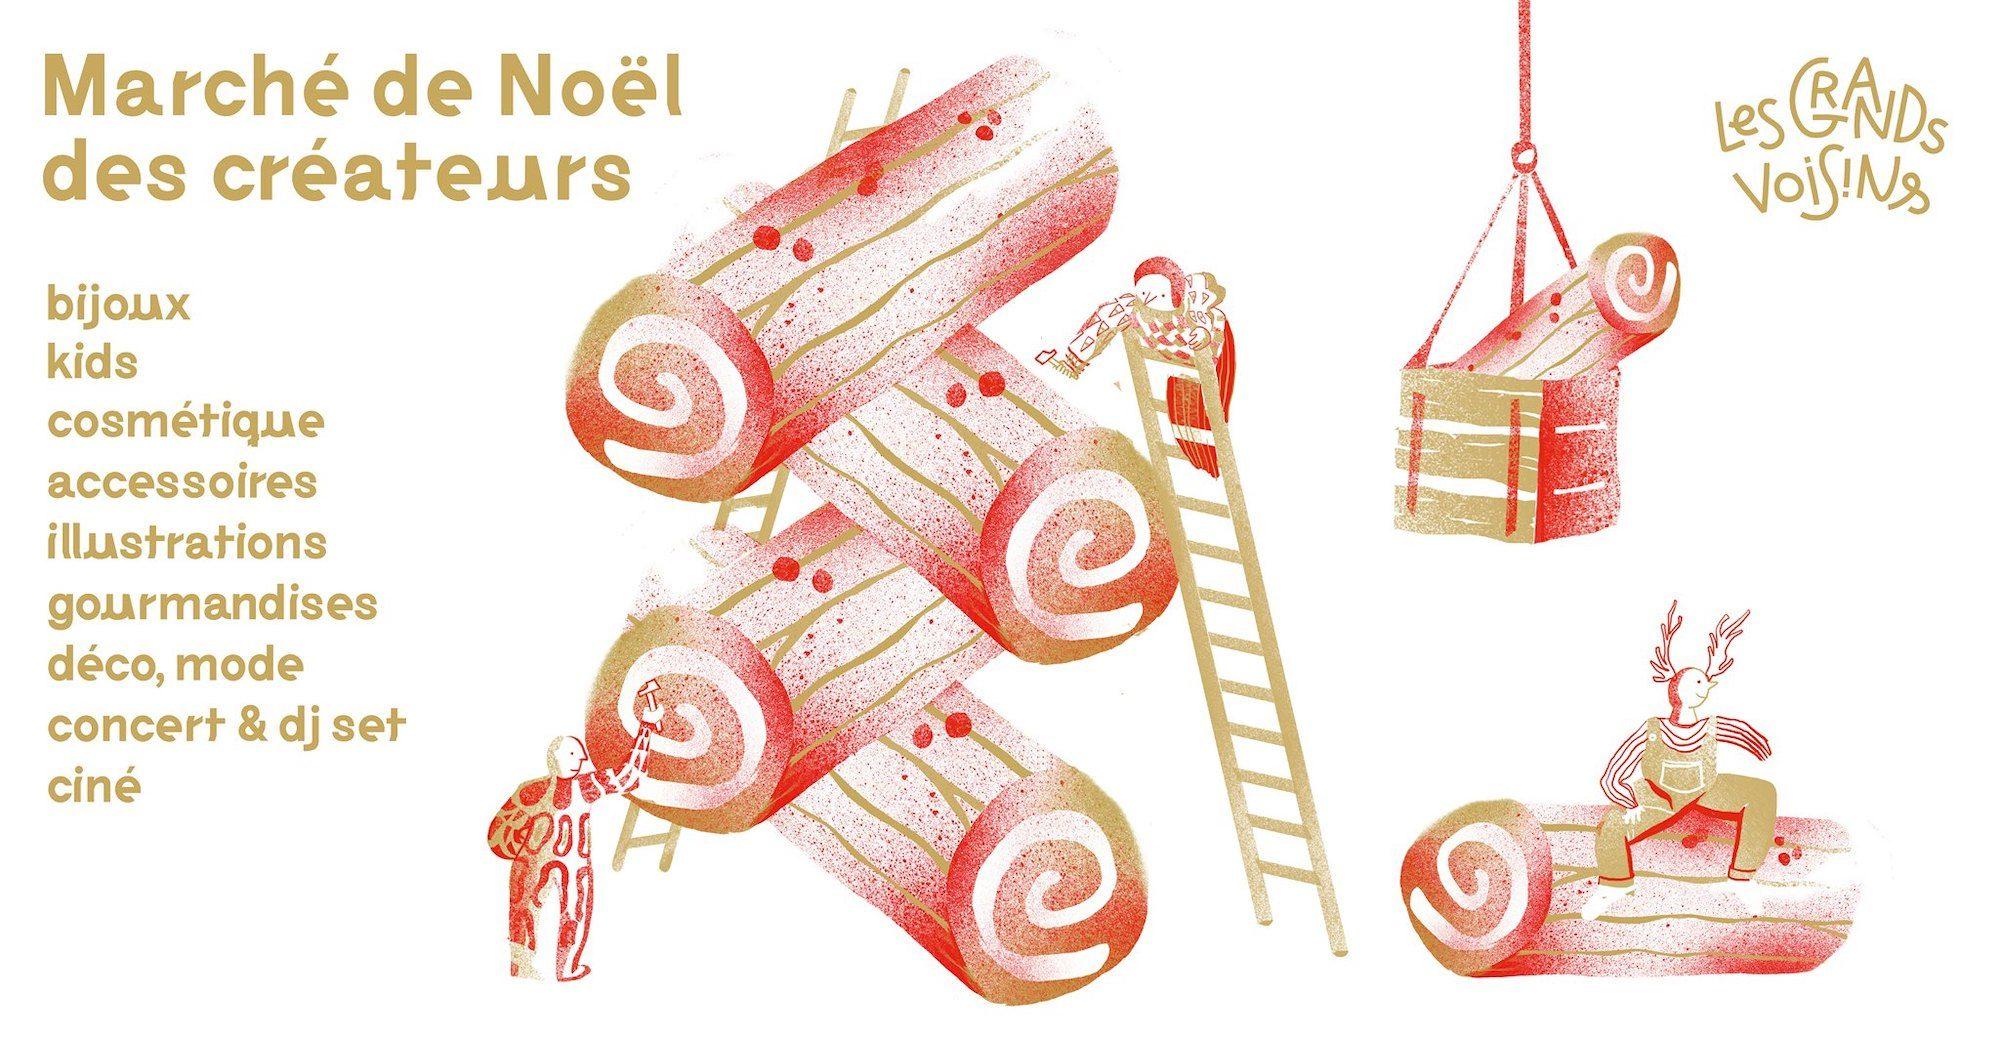 A poster for popular Christmas market Marché de Noel des createurs, taking place this December in Paris.